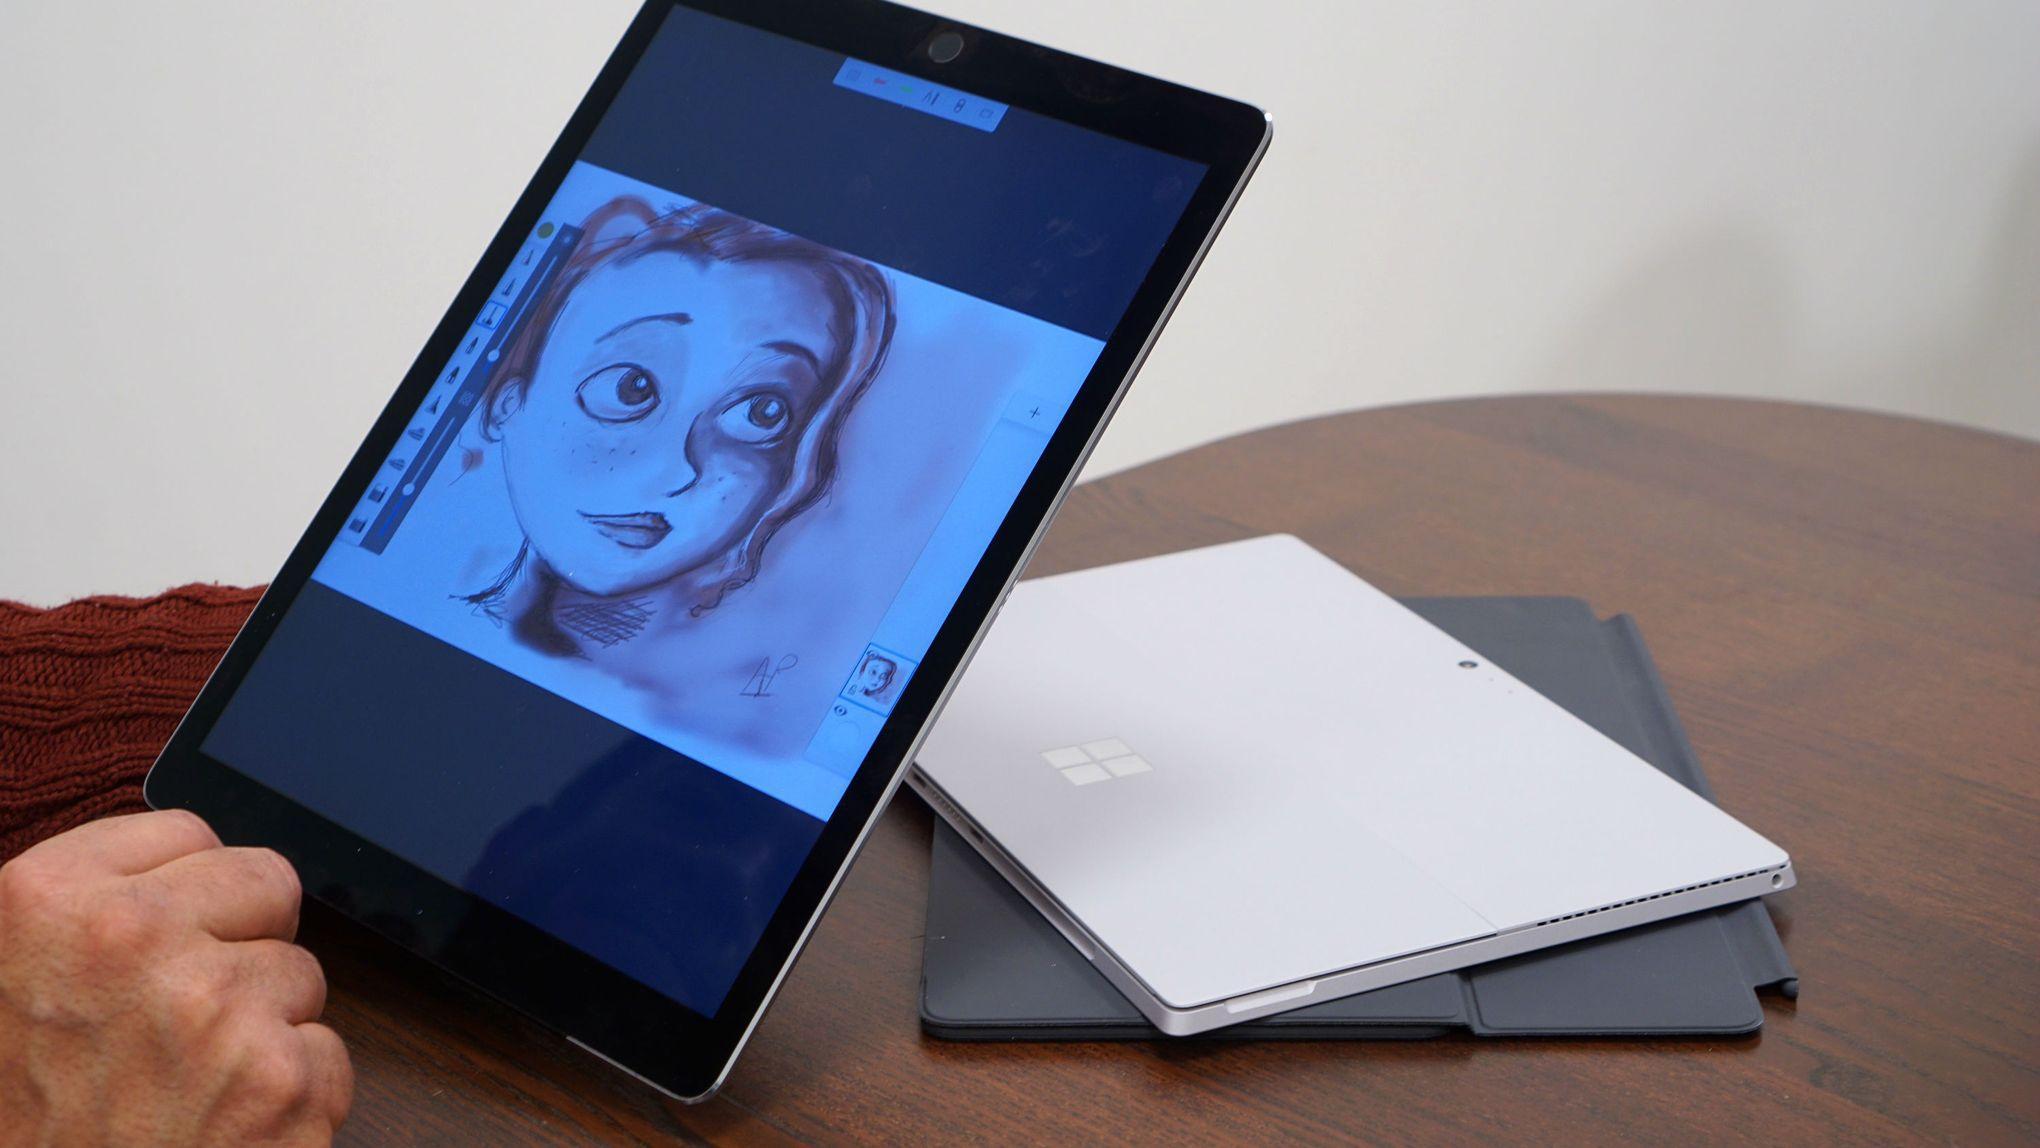 surface pro 4 ou ipad pro quelle est la meilleure tablette. Black Bedroom Furniture Sets. Home Design Ideas